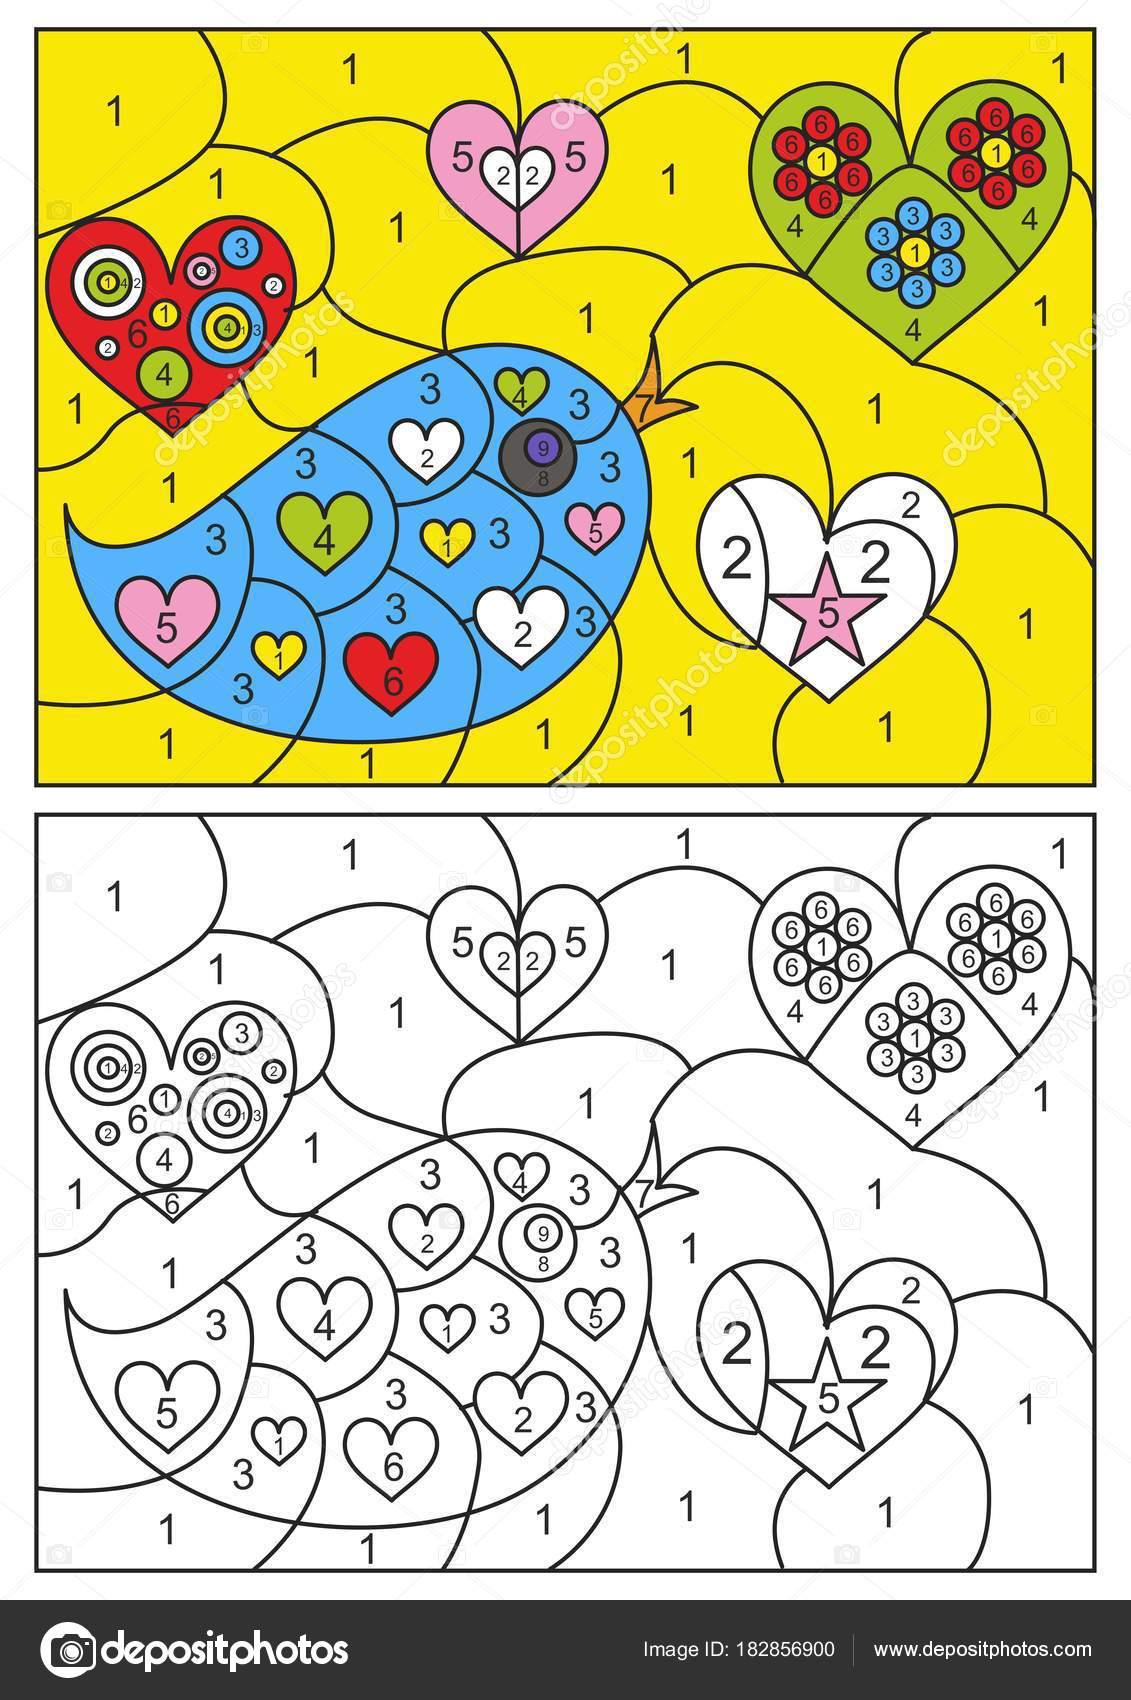 Niedlich Mosaik Malvorlagen Für Kinder Fotos - Entry Level Resume ...